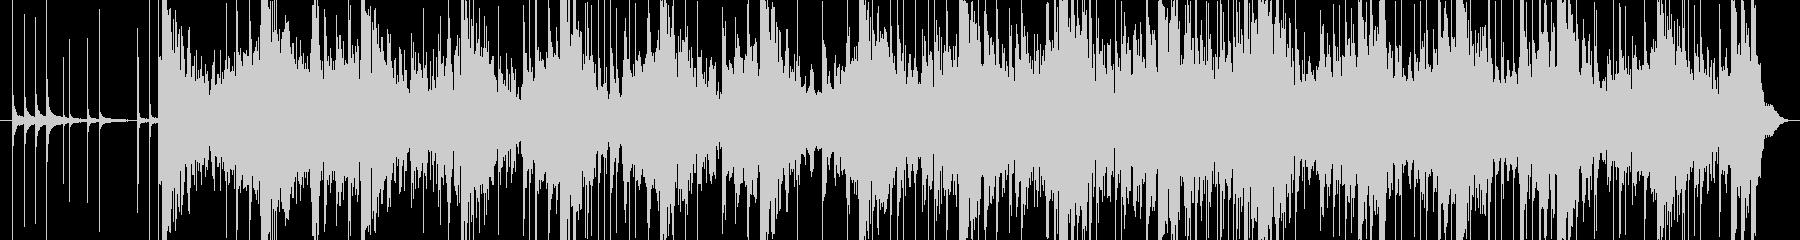 三味線と和太鼓等のリズムアンサンブル。の未再生の波形